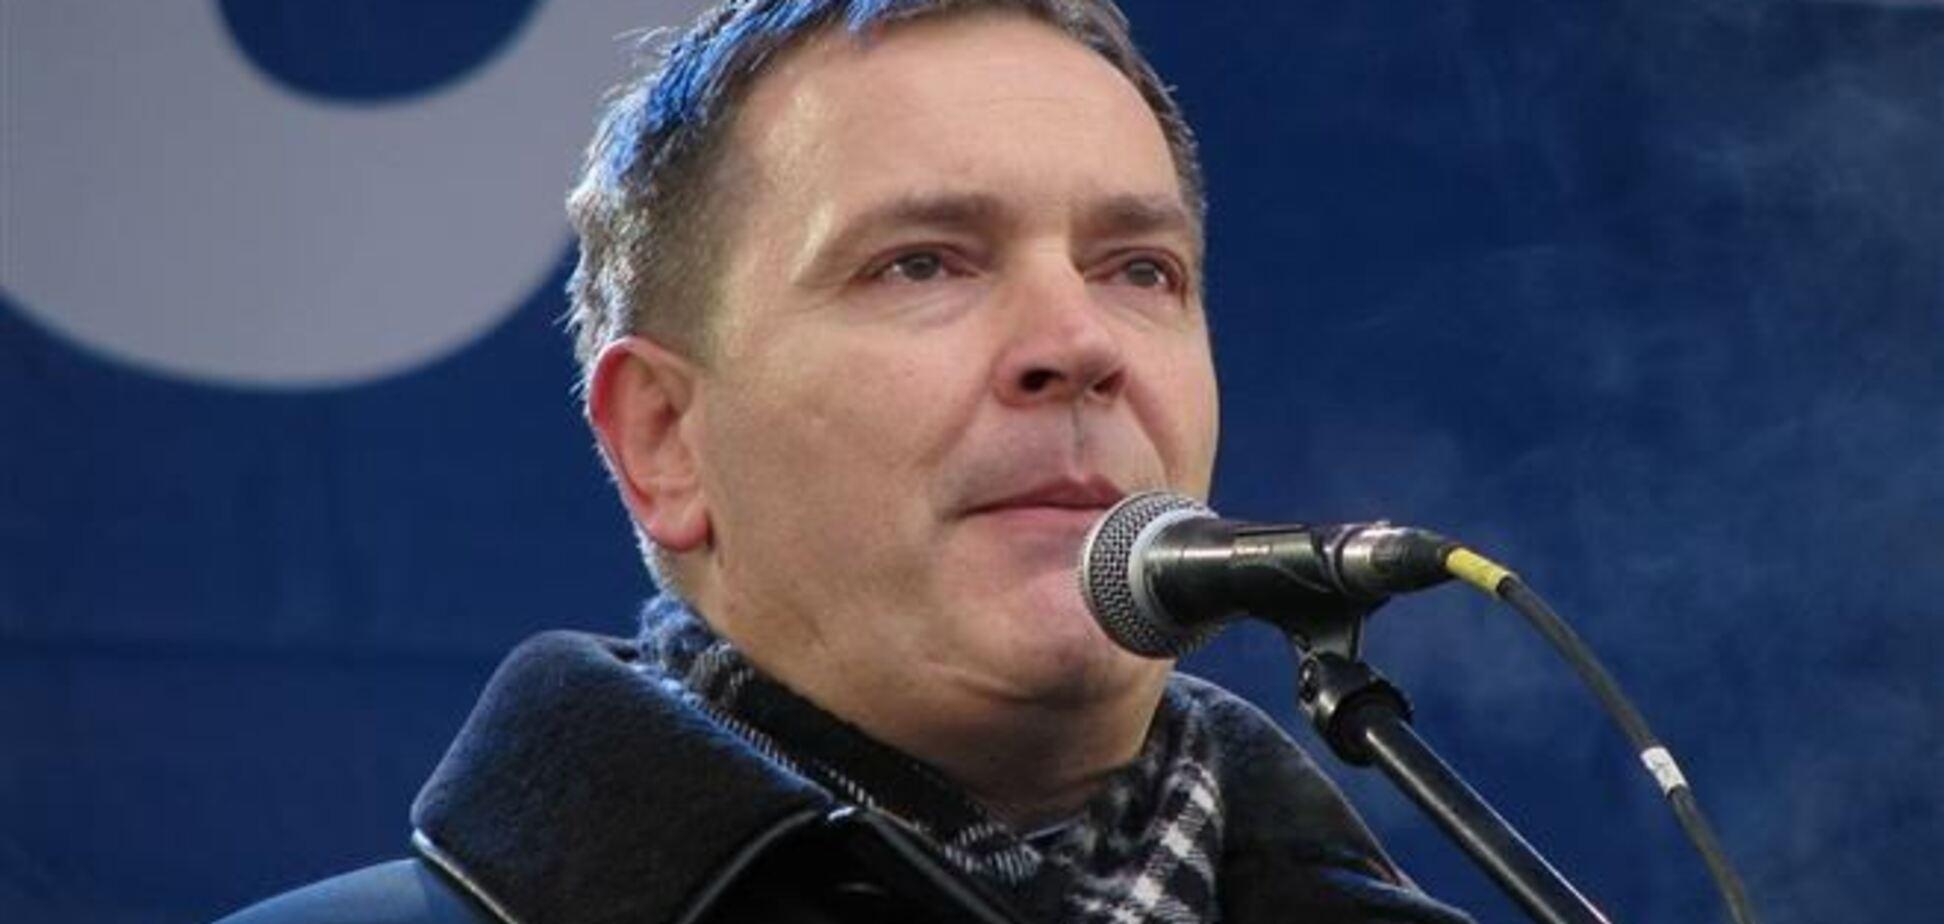 Колесниченко обозвал митингующих 'подонками'